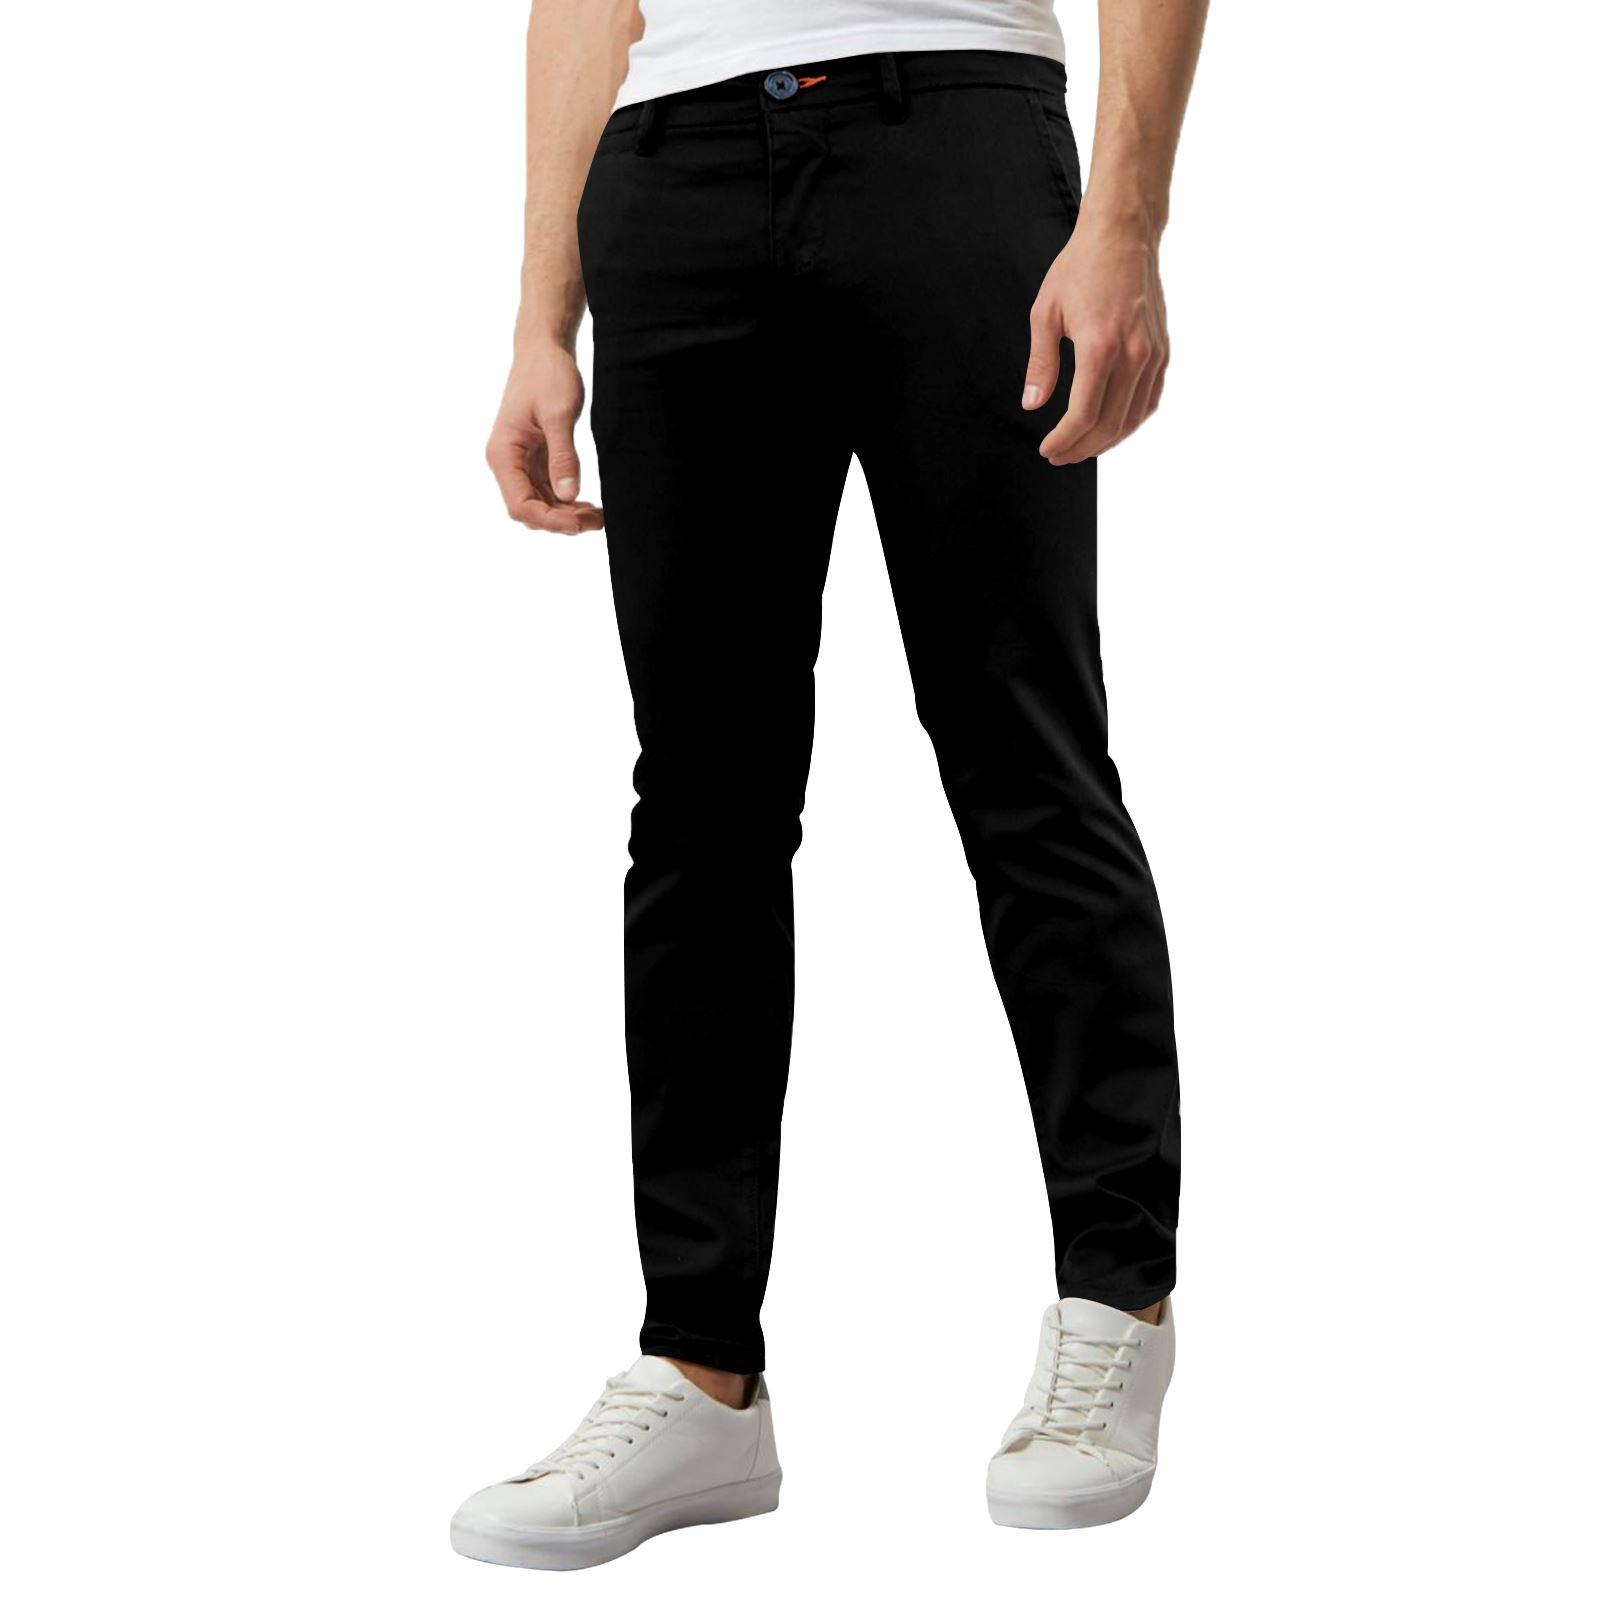 Jeans-Para-Hombre-de-Disenador-Nuevo-chinos-Elastizados-ajustados-Calce-Ajustado-Pantalones-todos miniatura 18